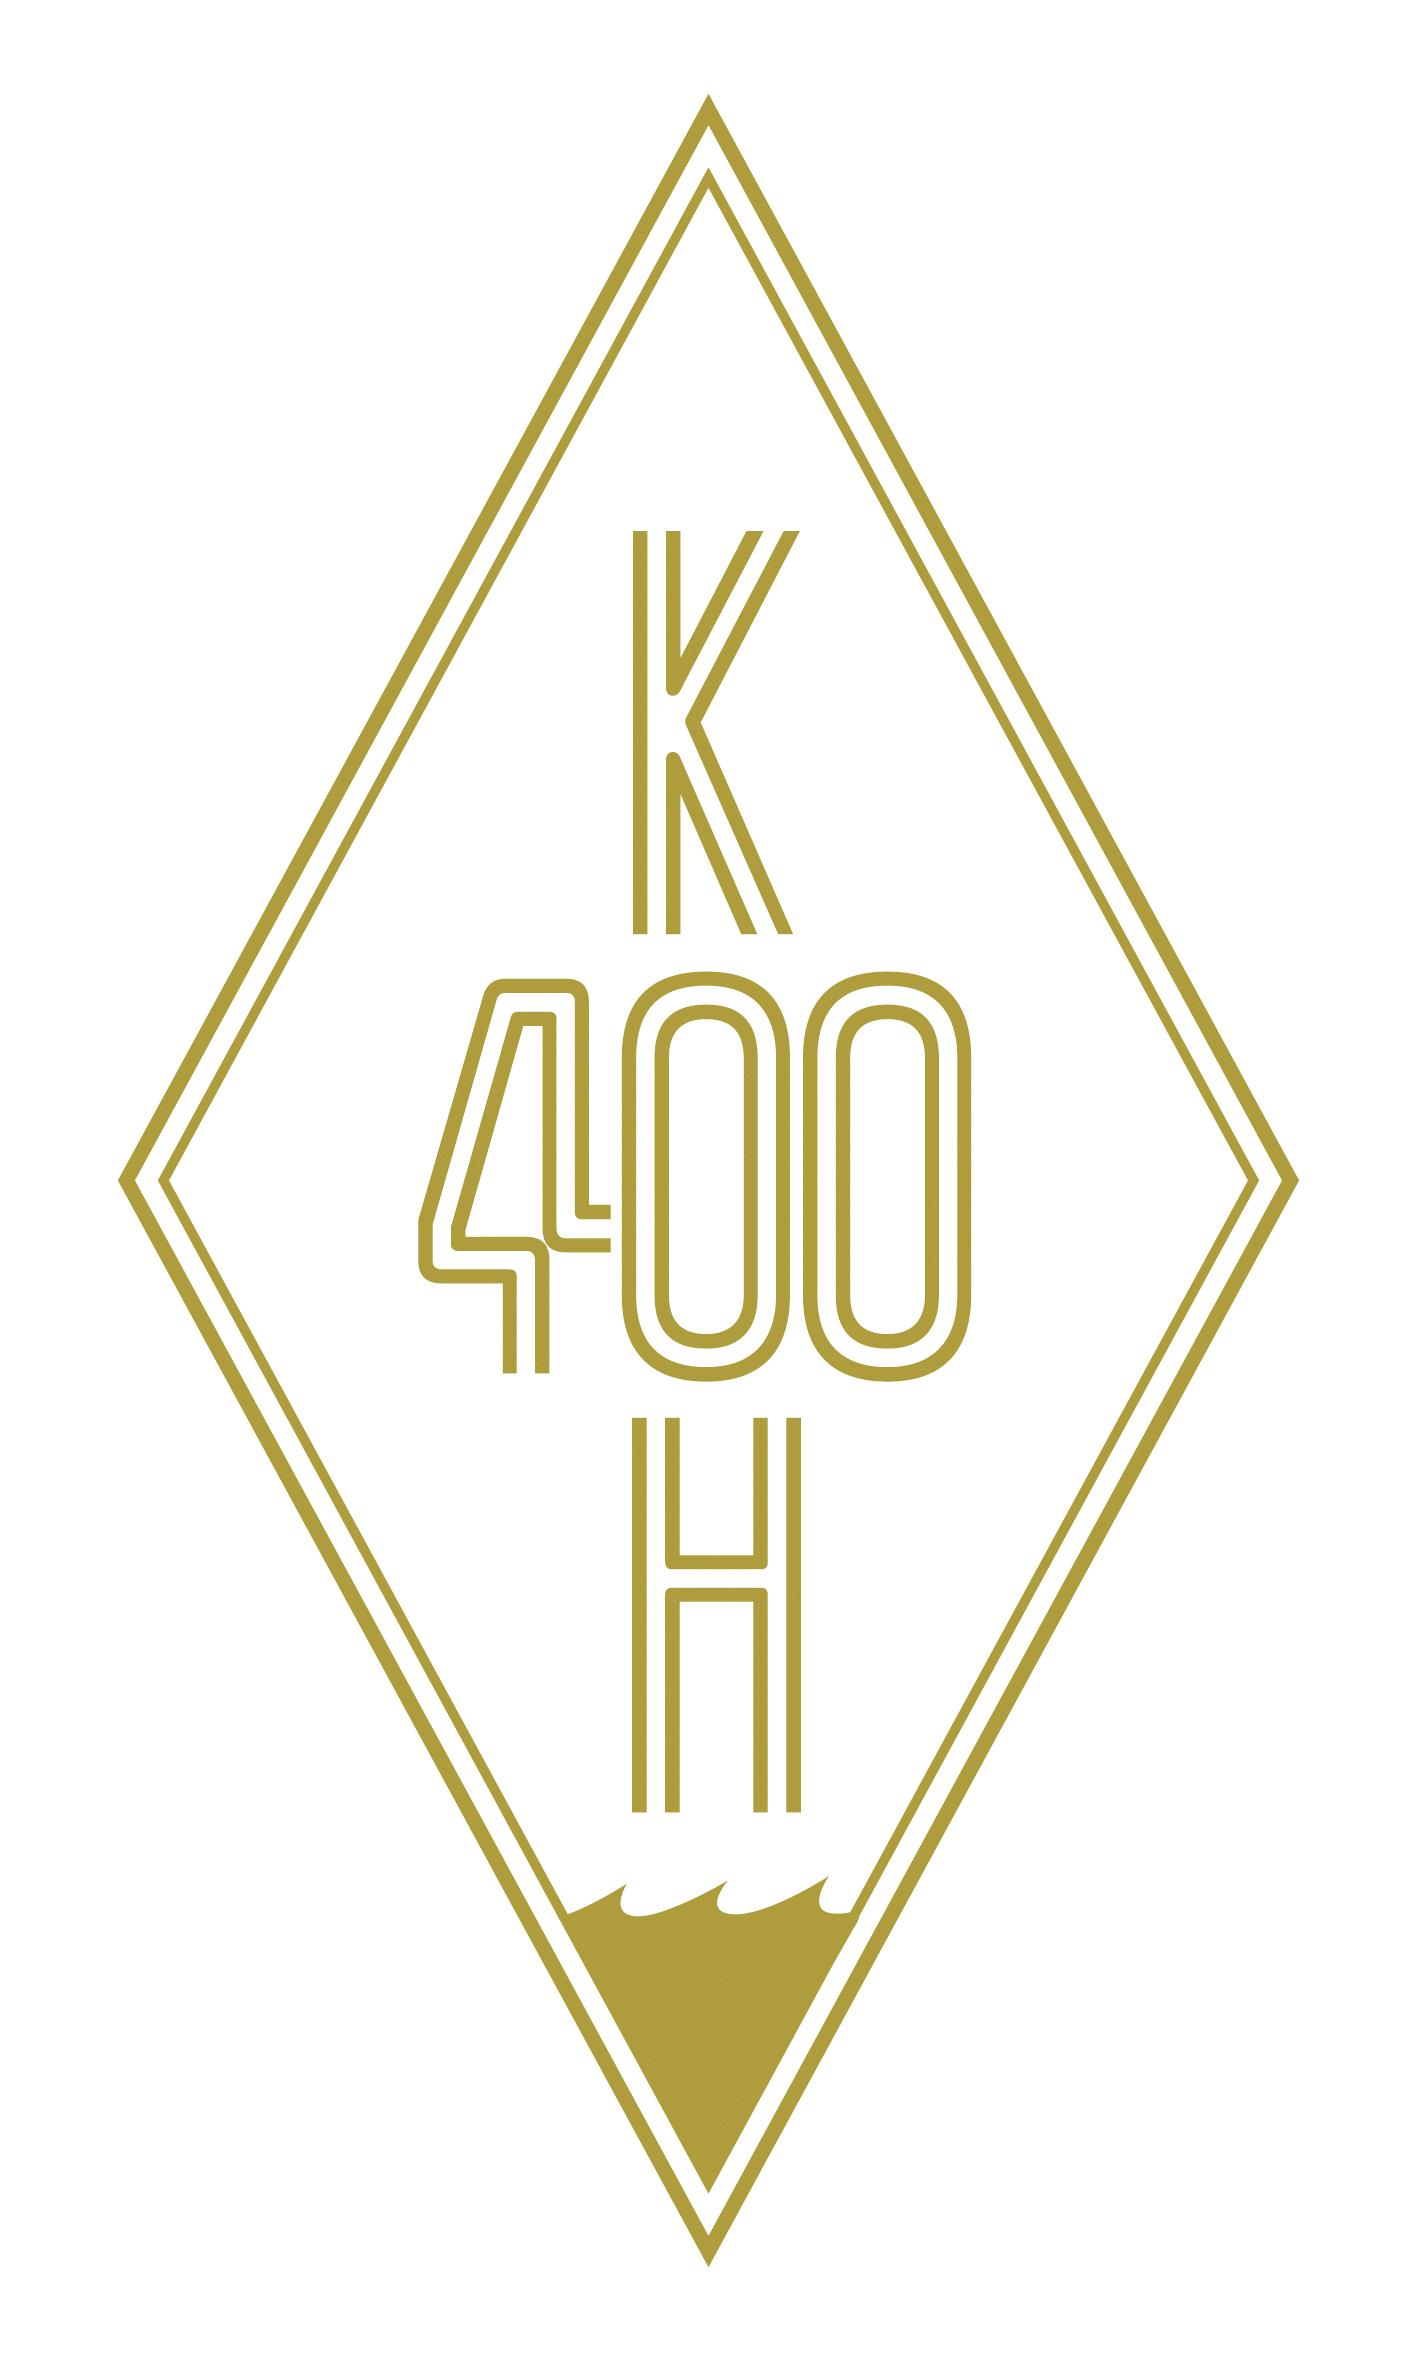 Viering 400 jaar Kaap Hoorn vol met activiteiten en ontdekkingen [+video]